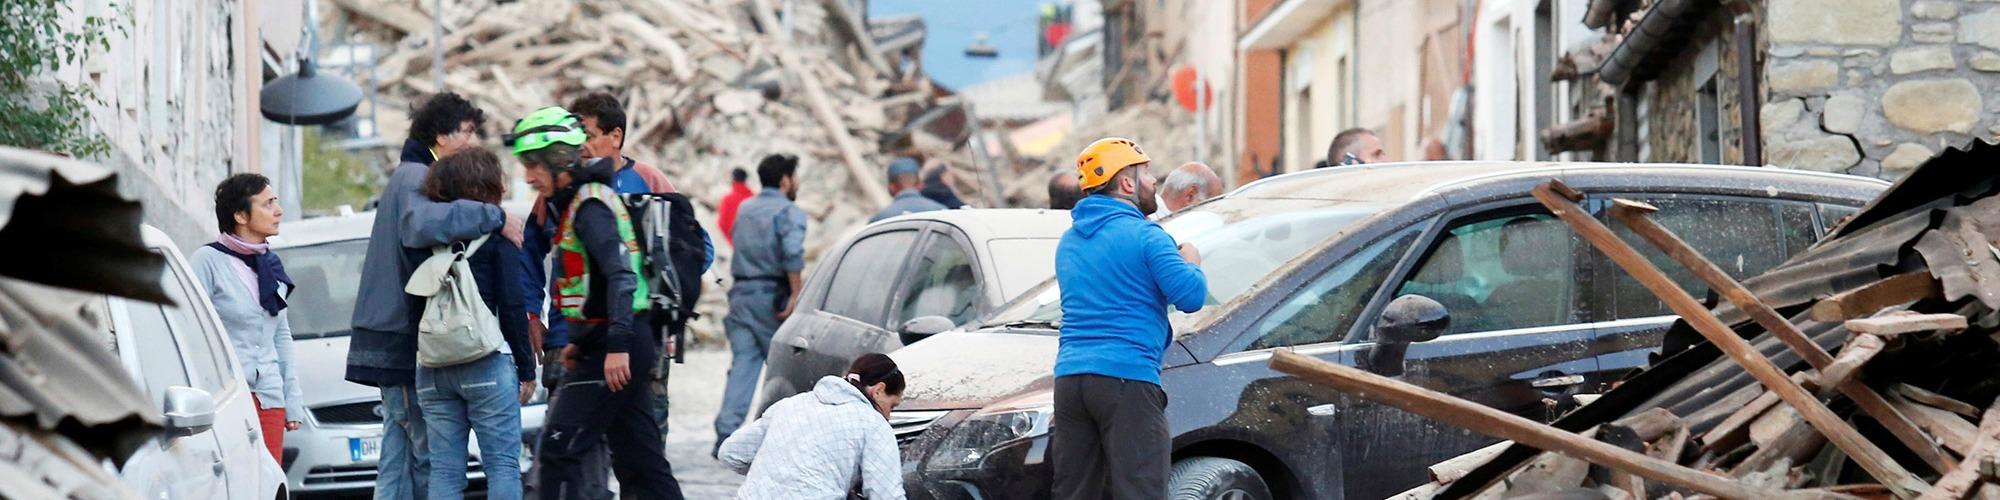 Aardbeving italie header